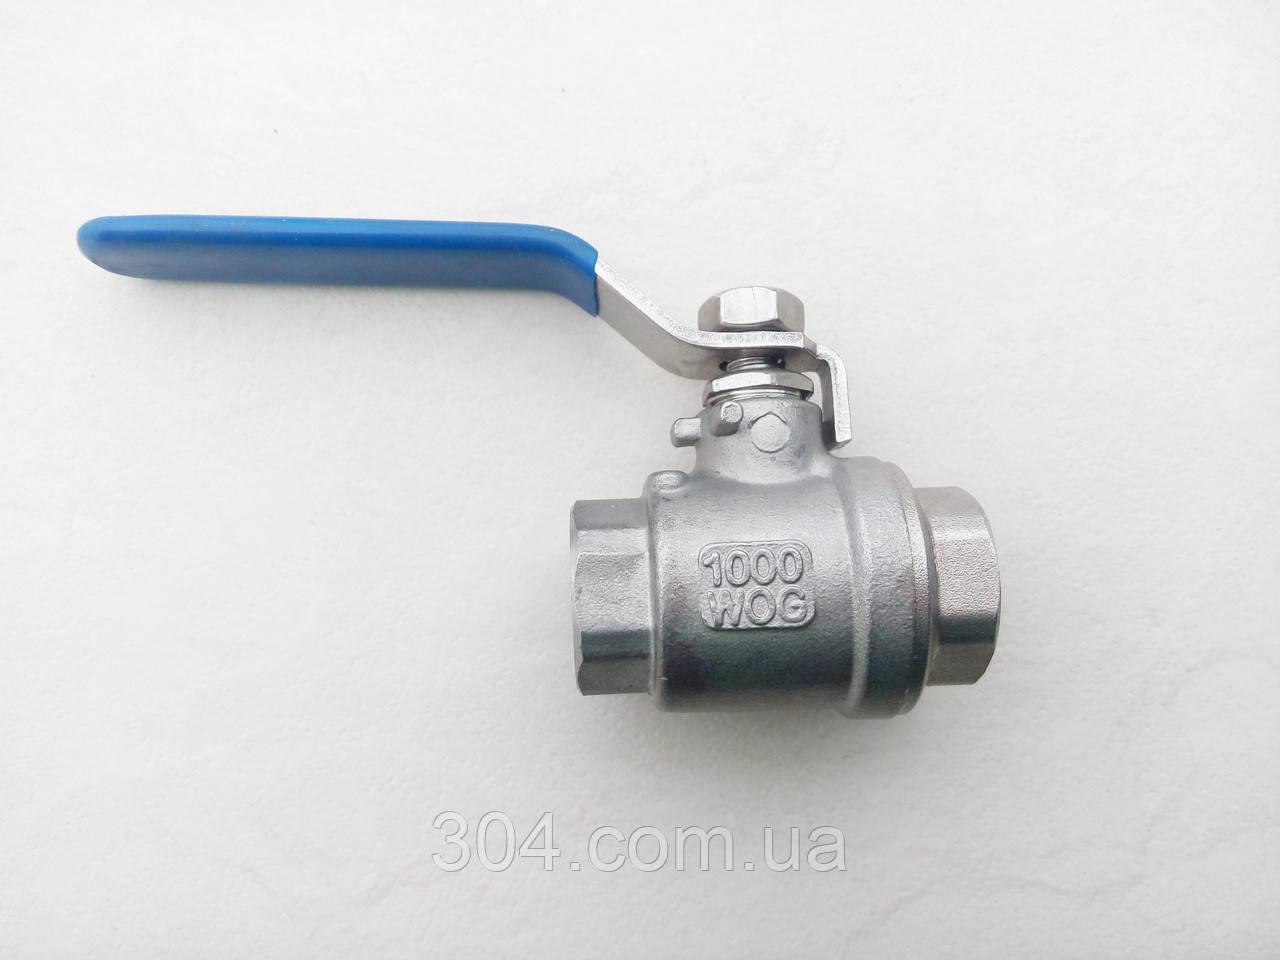 Шаровой кран нержавеющий полнопроходной Ду 32 (1 1/4 дюйма) AISI 304